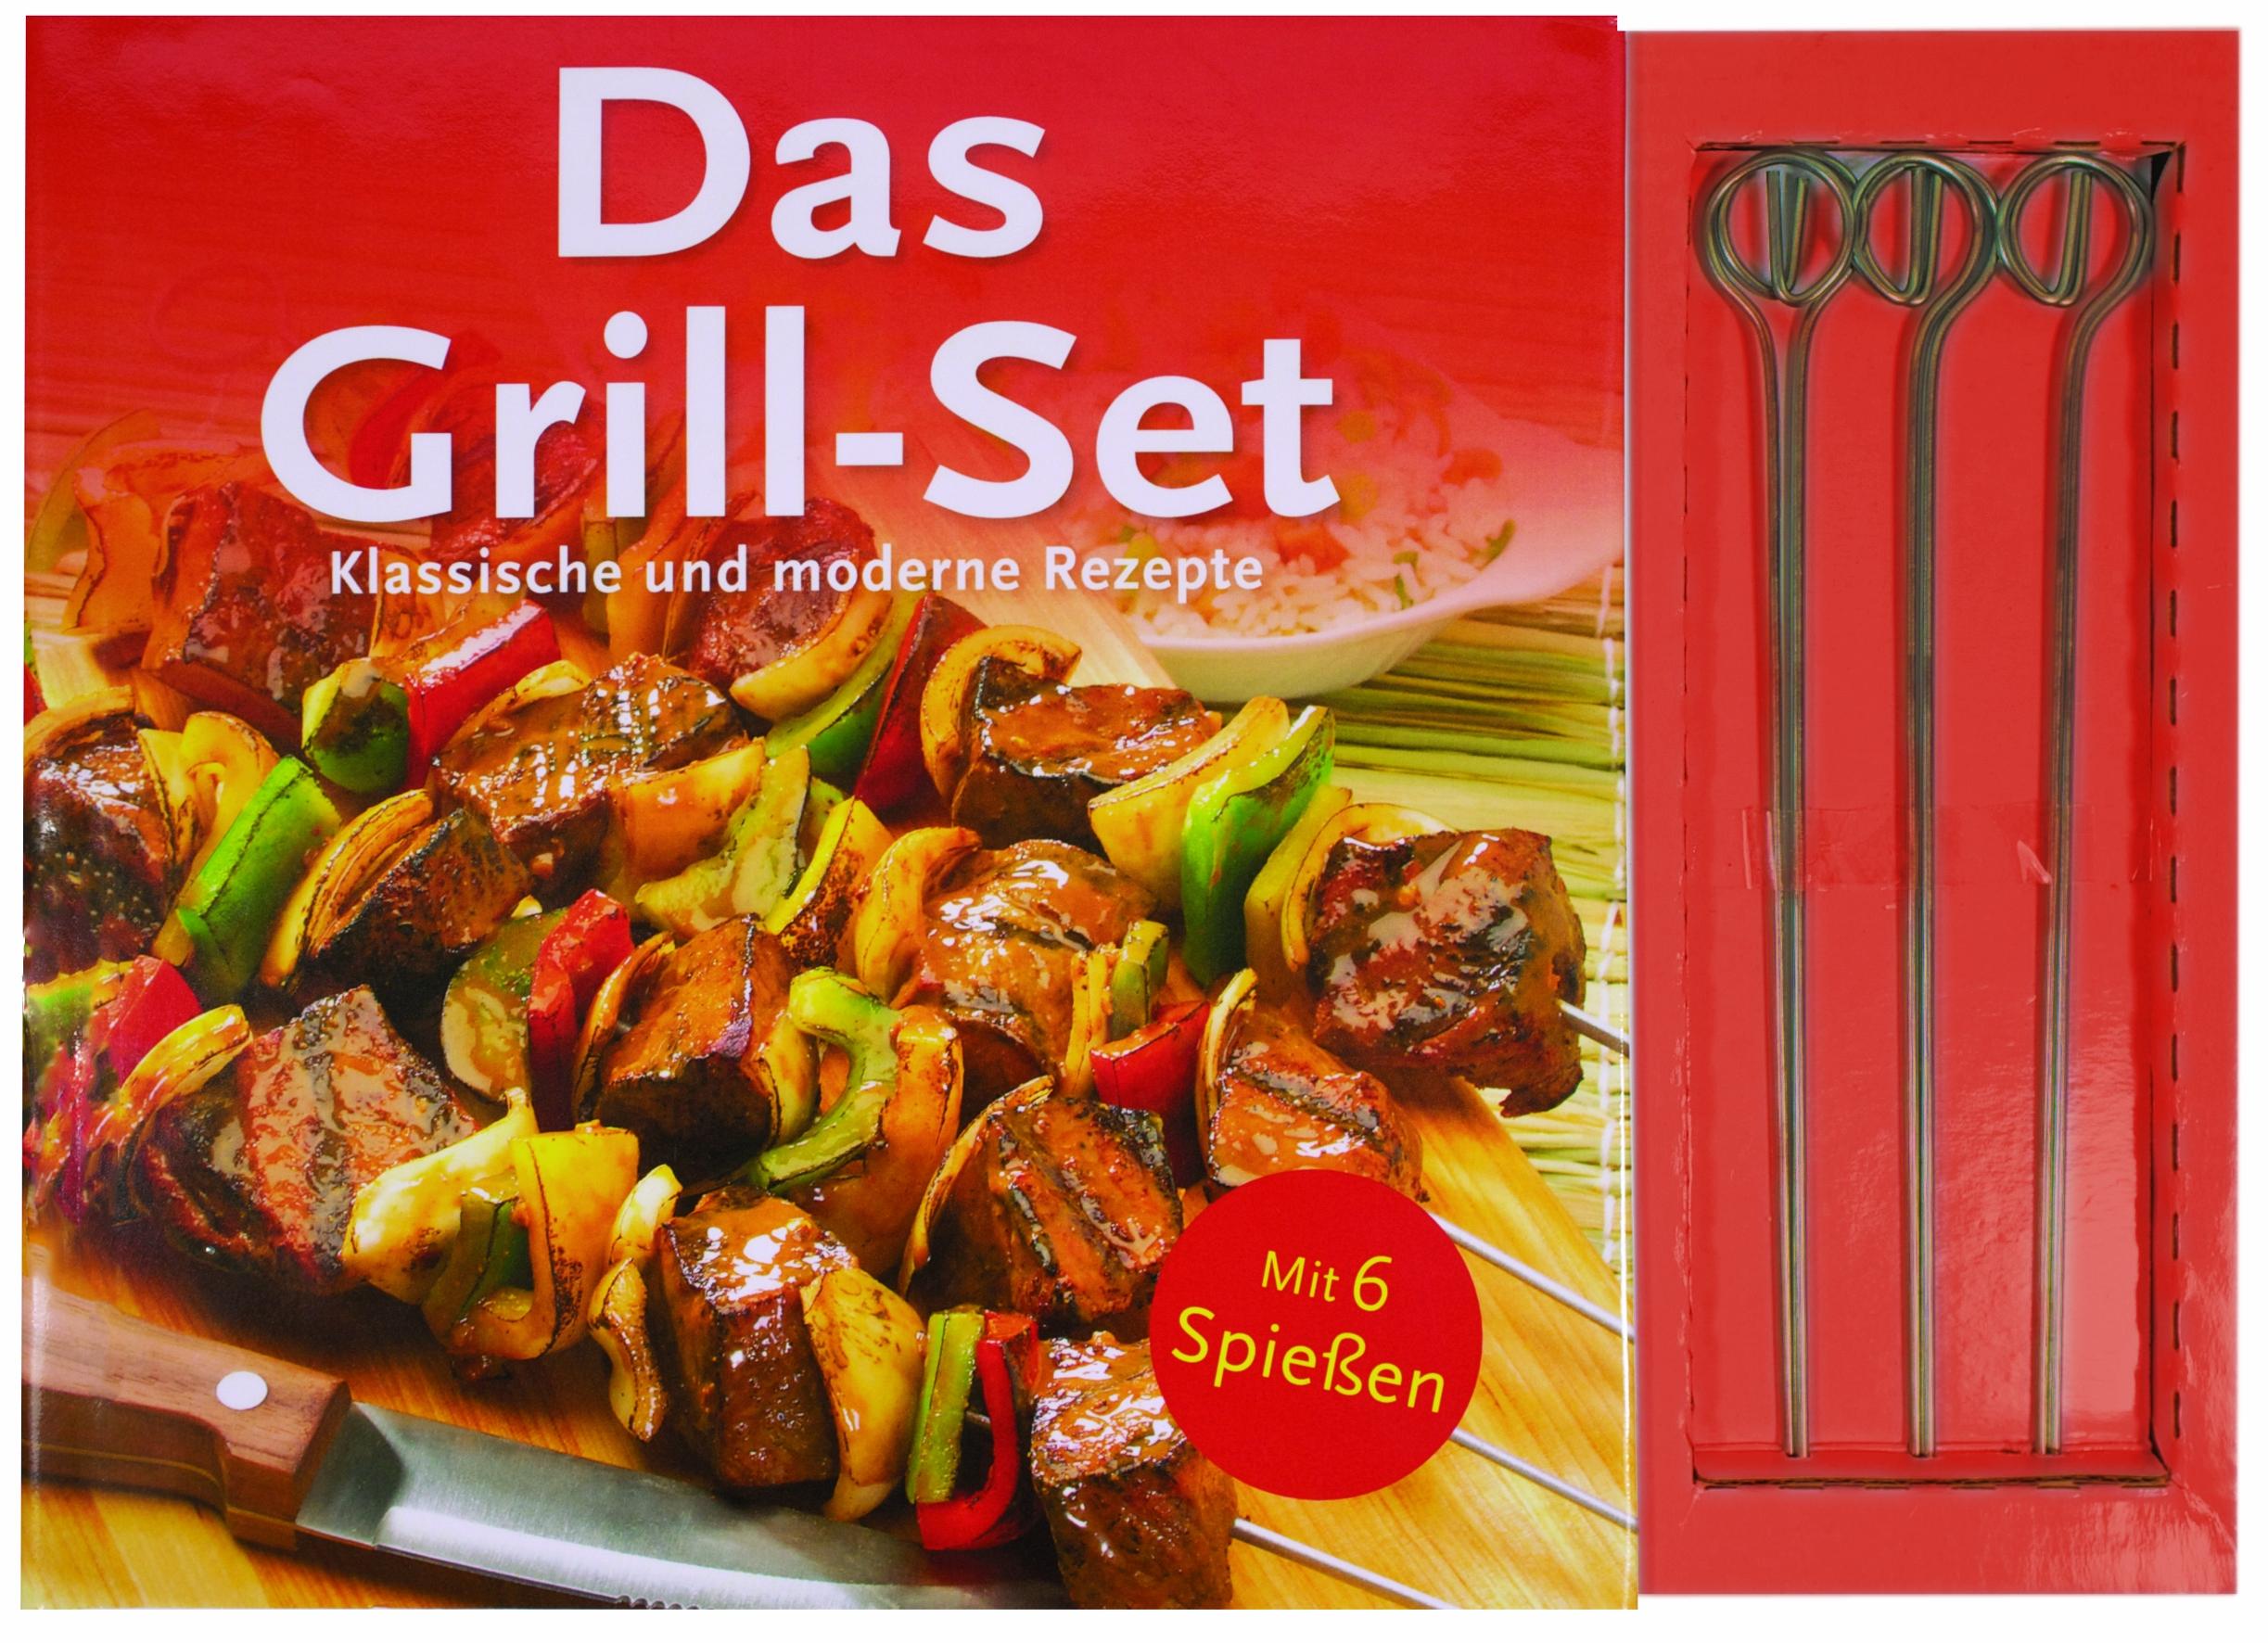 Das Grill-Set: Klassische und moderne Rezepte